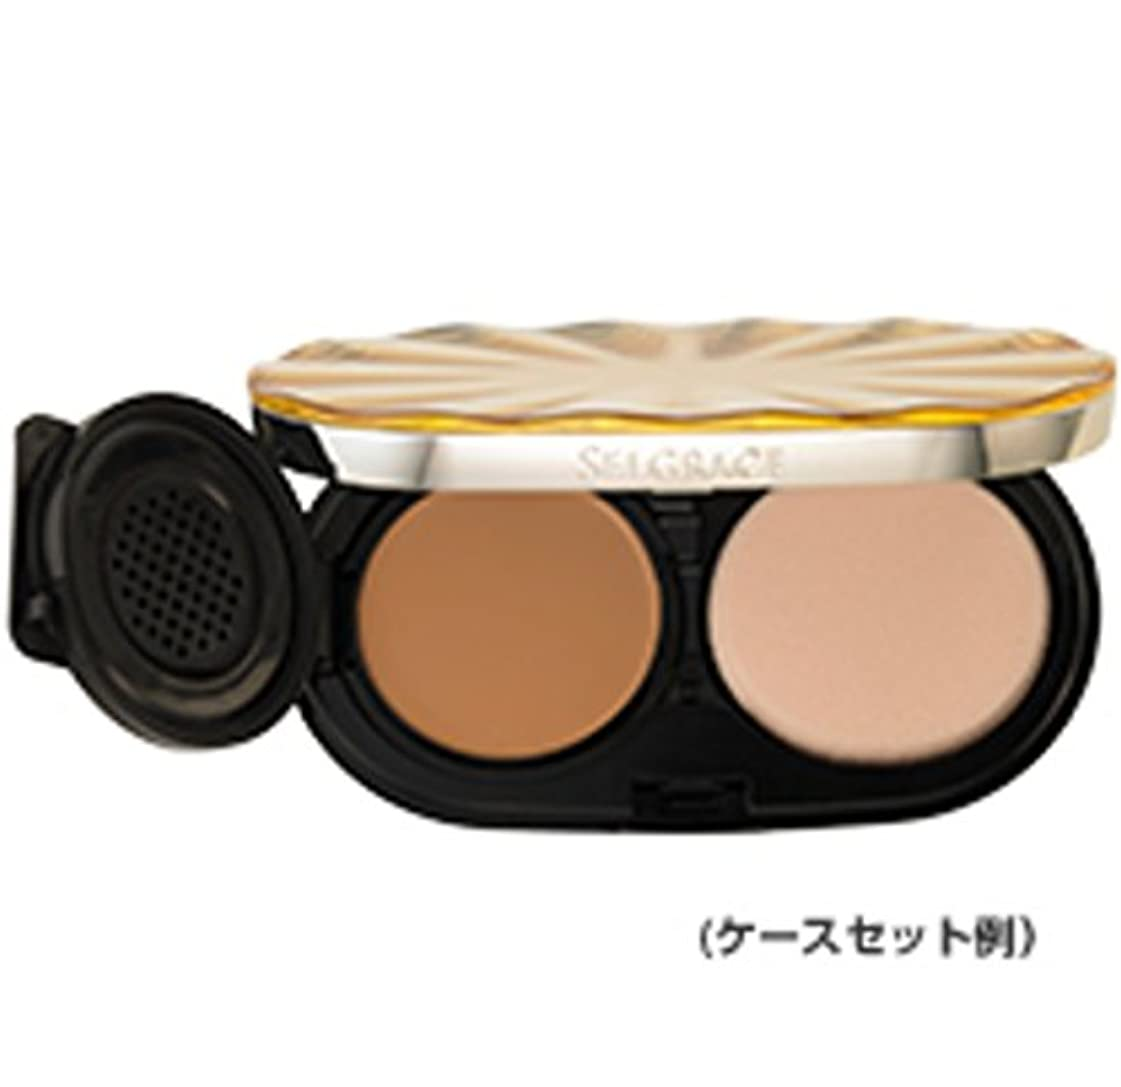 盟主信じる充実ナリス化粧品 セルグレース ベースインパクト ファンデーション 130 ライトピンクベージュ レフィル (スポンジ付き)